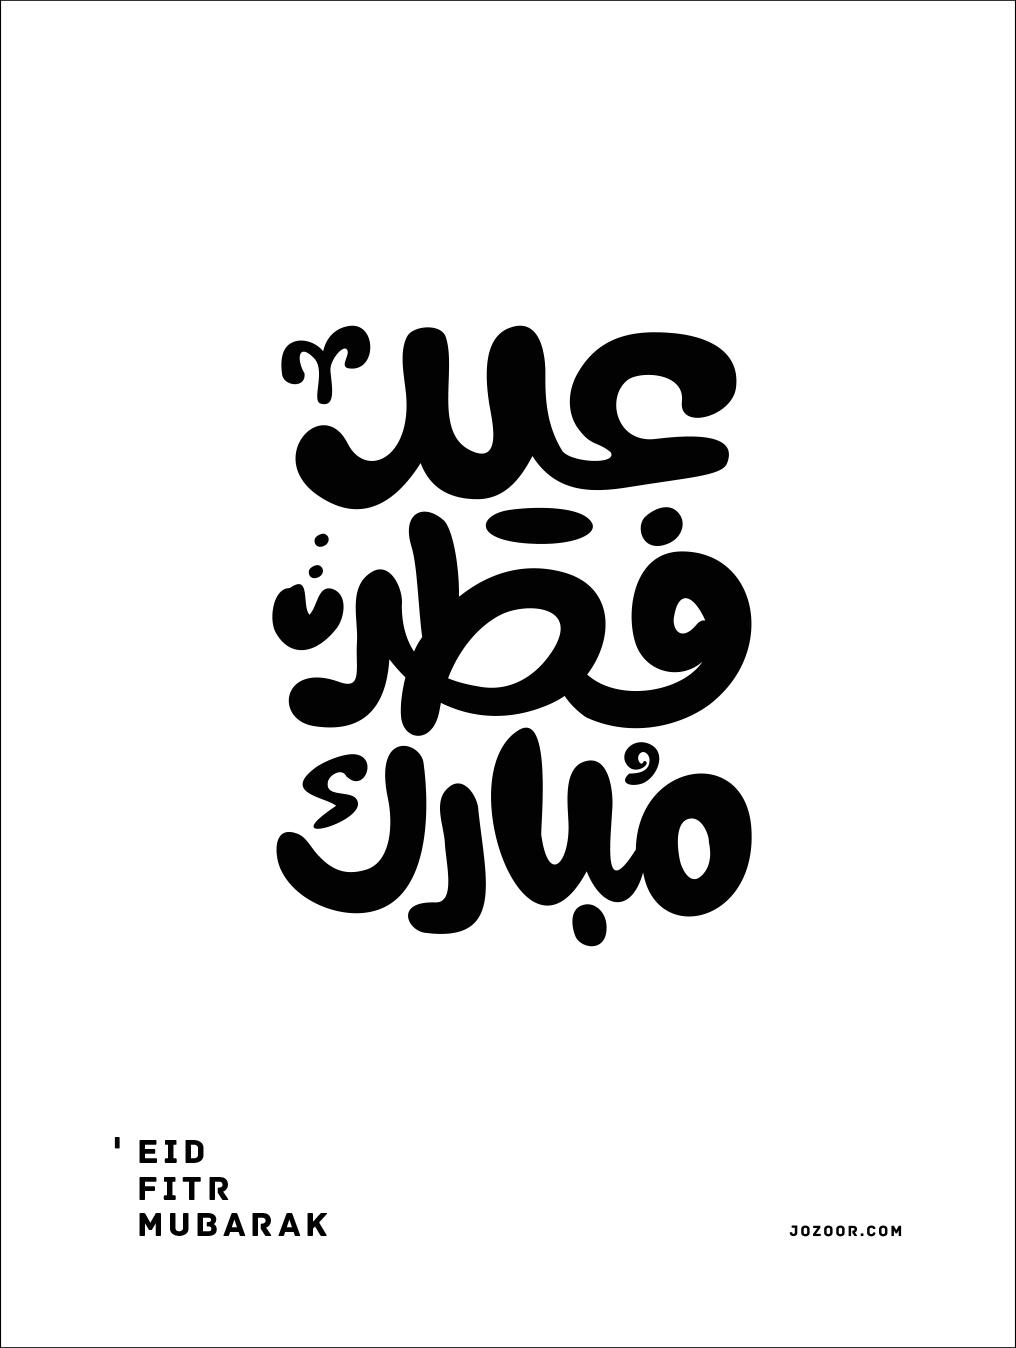 Eid Fitr Mubarak كل عام وأنتم بخير تقبل الله منا ومنكم صالح الأعمال Eid Greetings Eid Stickers Eid